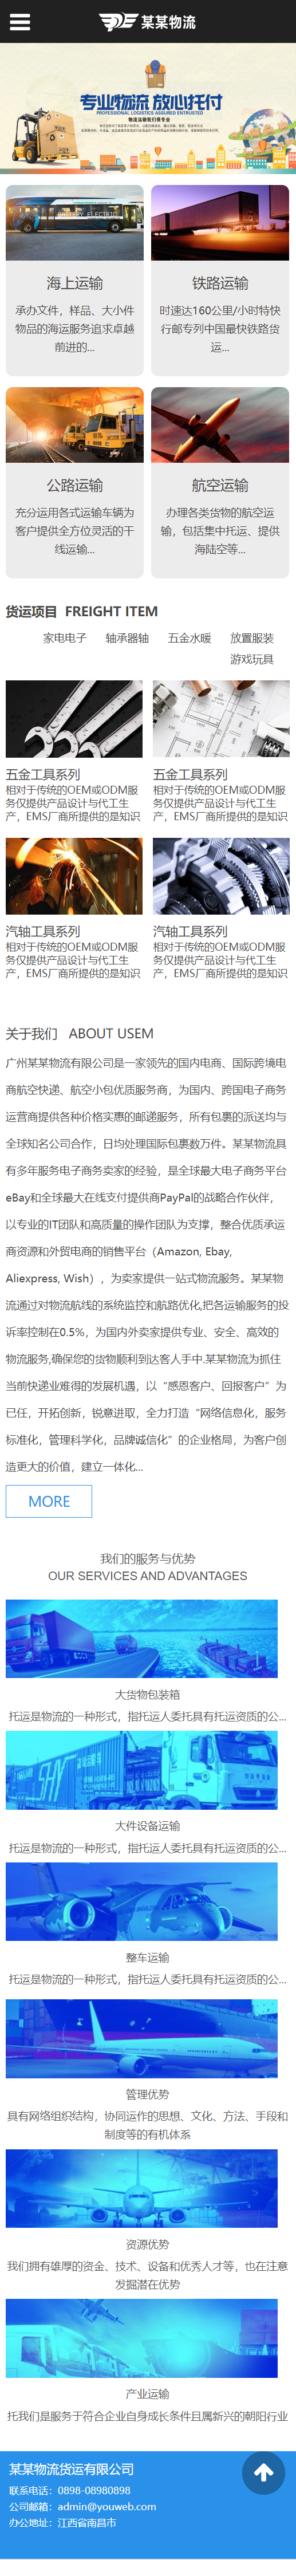 国外快递网站源码下载带后台(我本沉默带后台网站源码) (https://www.oilcn.net.cn/) 综合教程 第10张